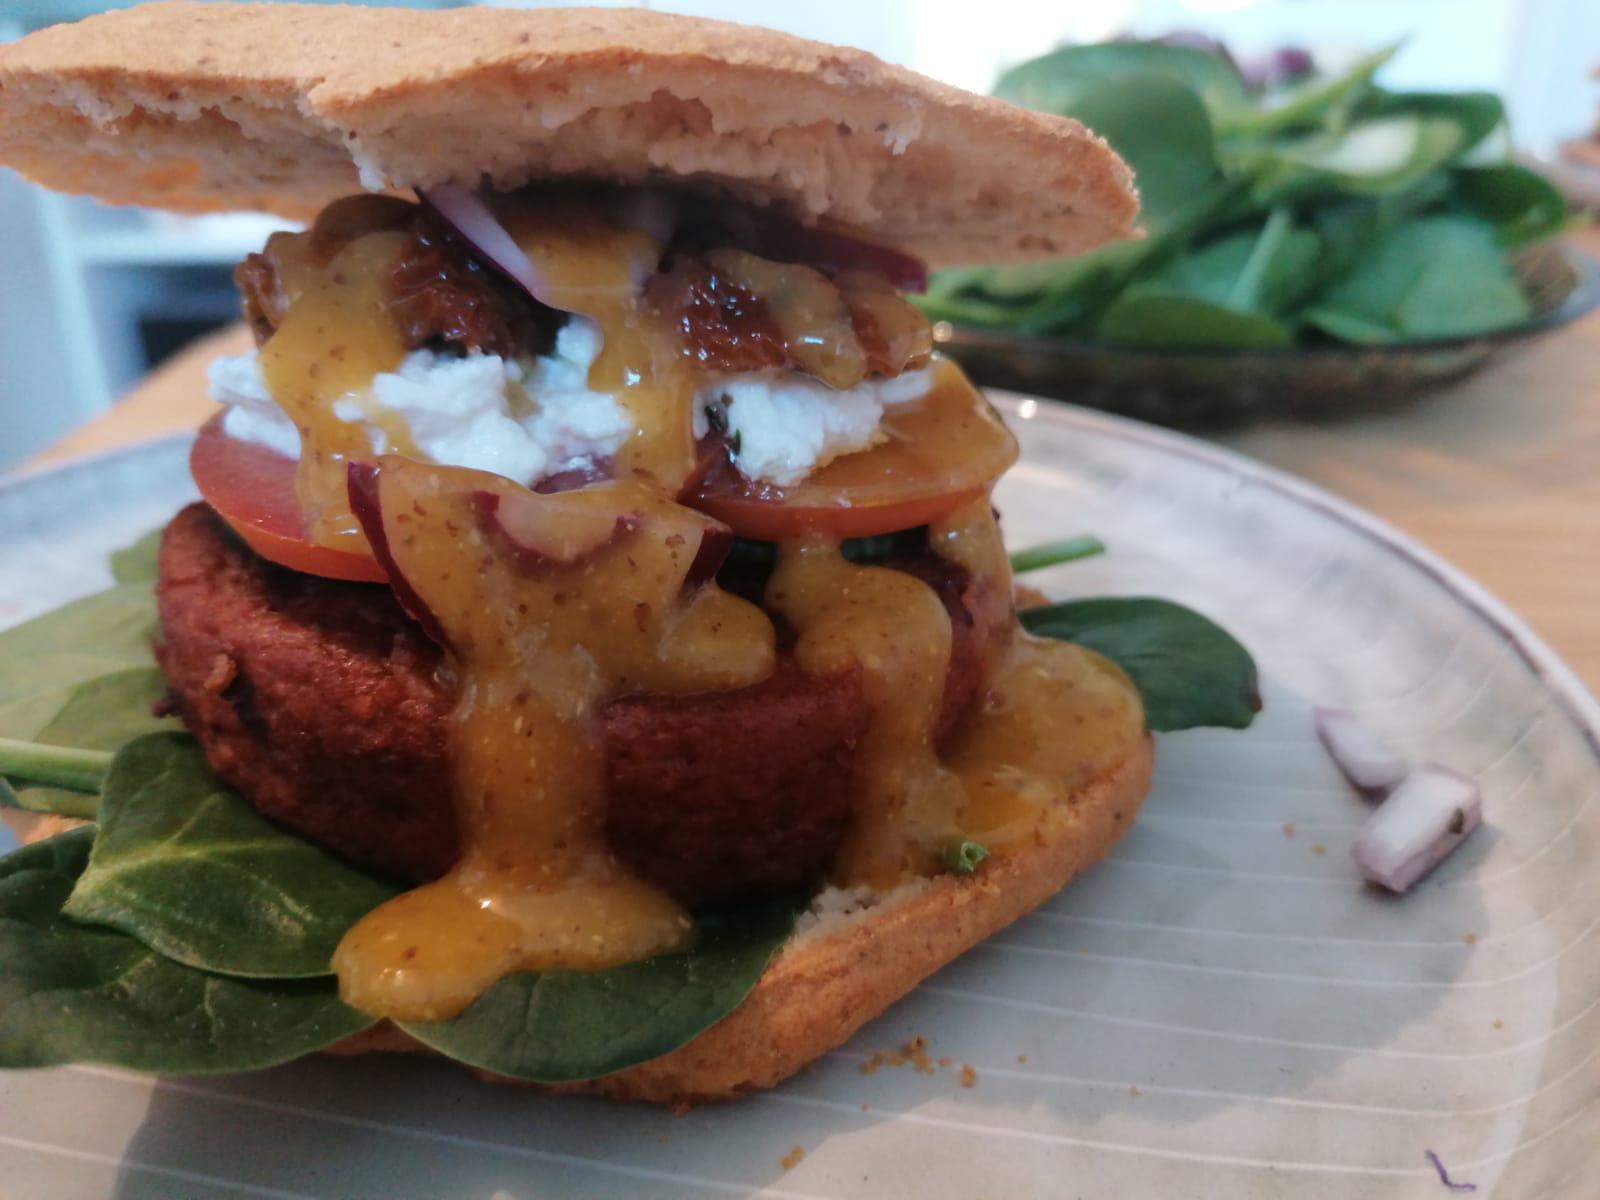 Rezeptbild Protein Burger Buns selbst gemacht